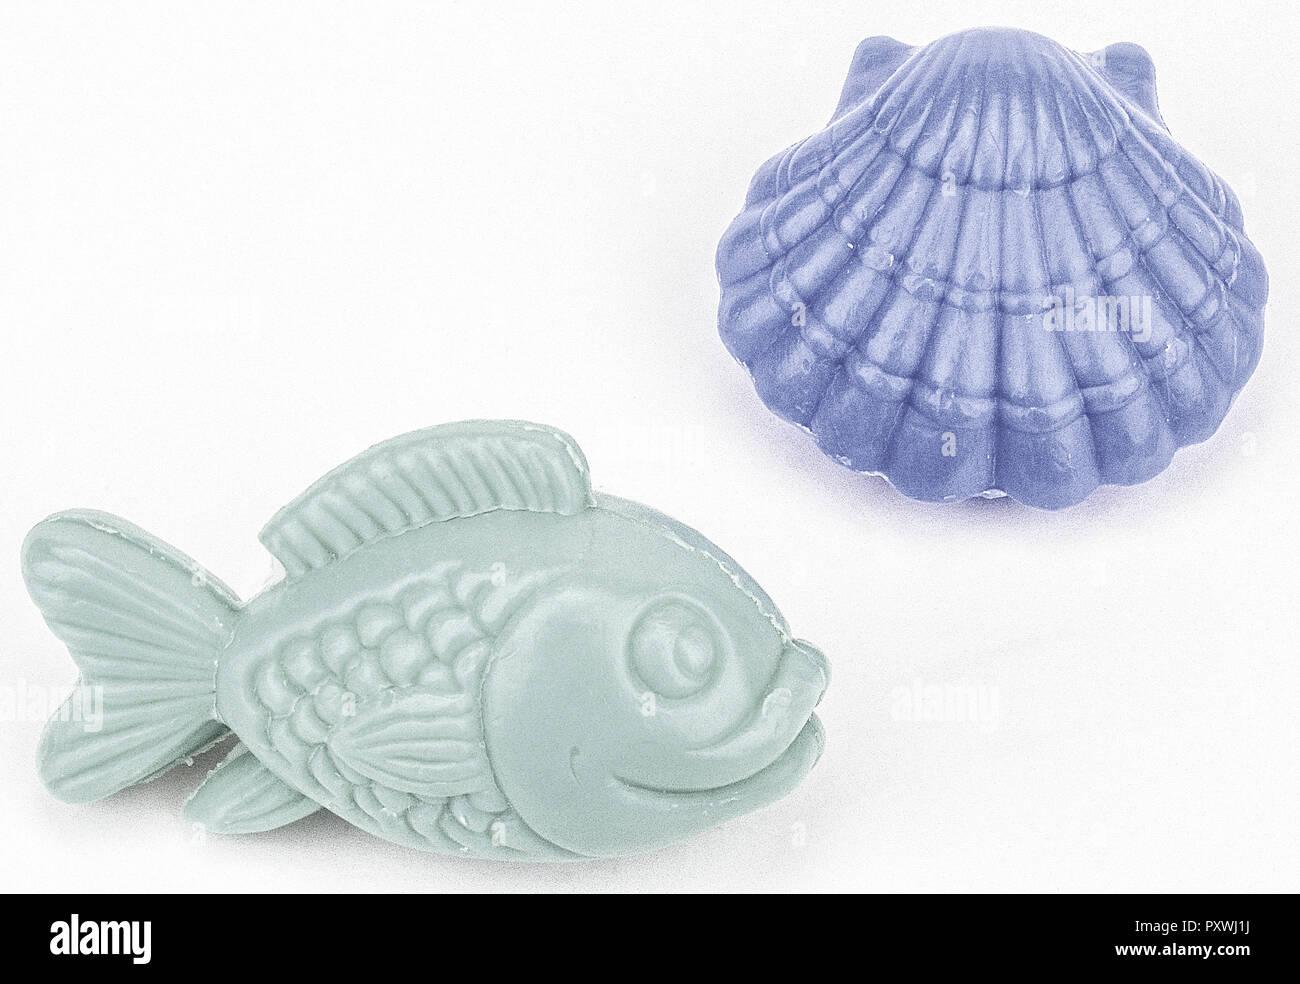 Zwei Seifenstuecke en Fisch- und Muschel-Form Foto de stock